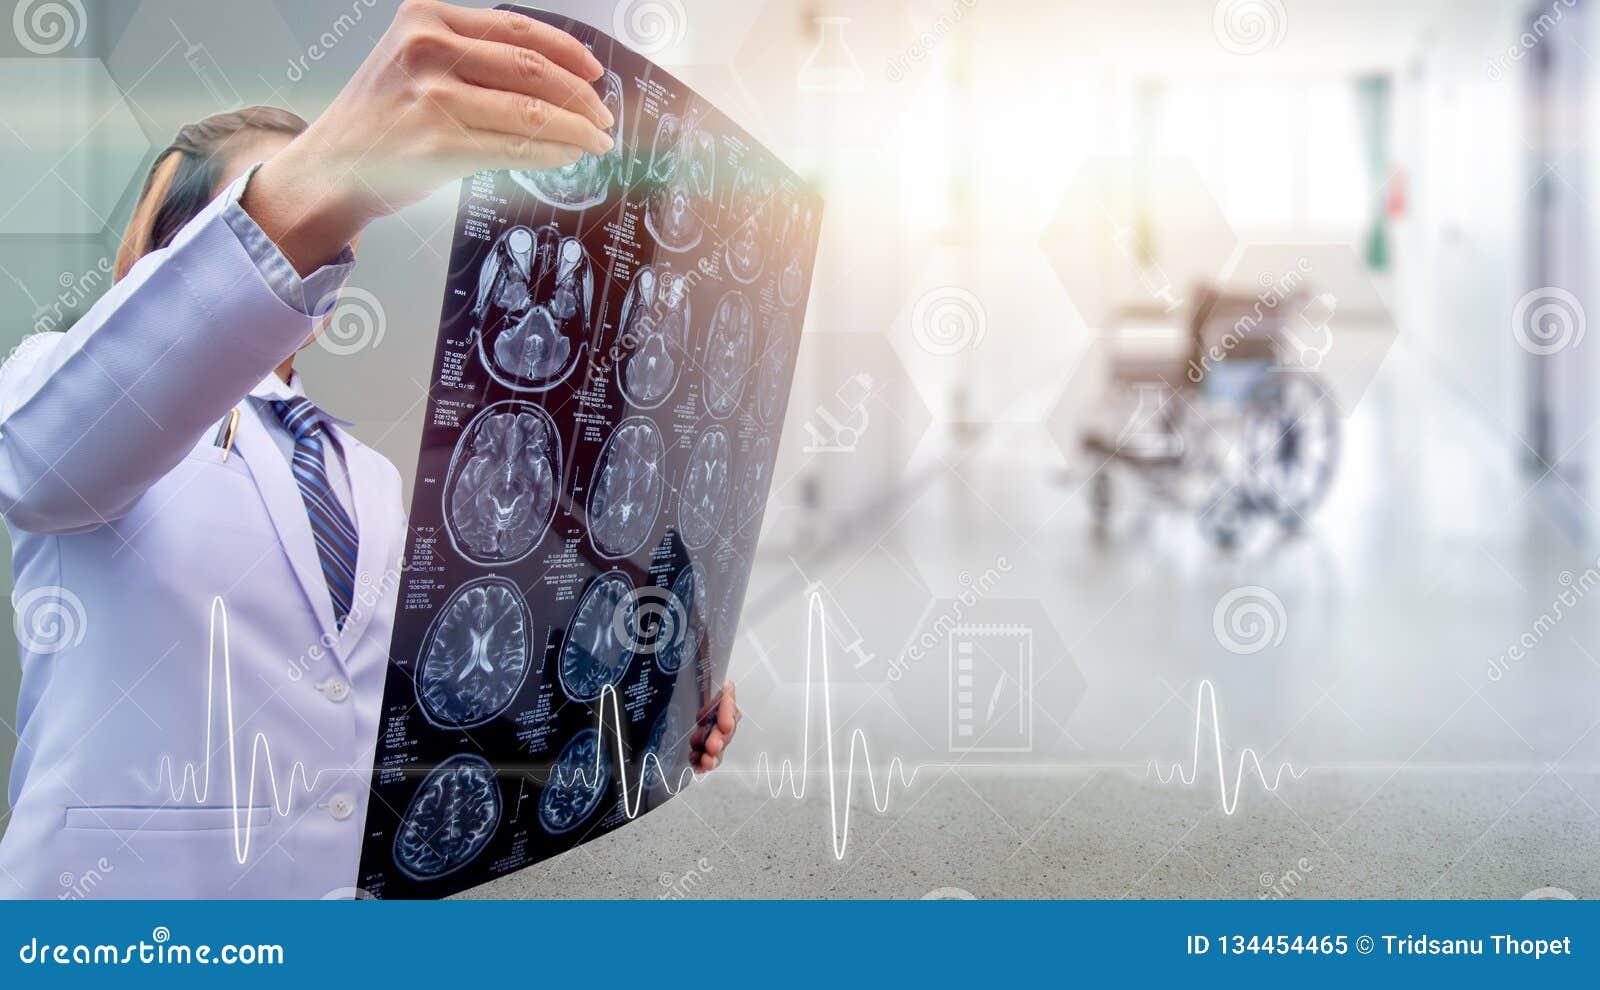 Górna część ciało ludzkie, wzrost ilości promieniowania rentgenowskiego istota ludzka wewnątrz wizerunek